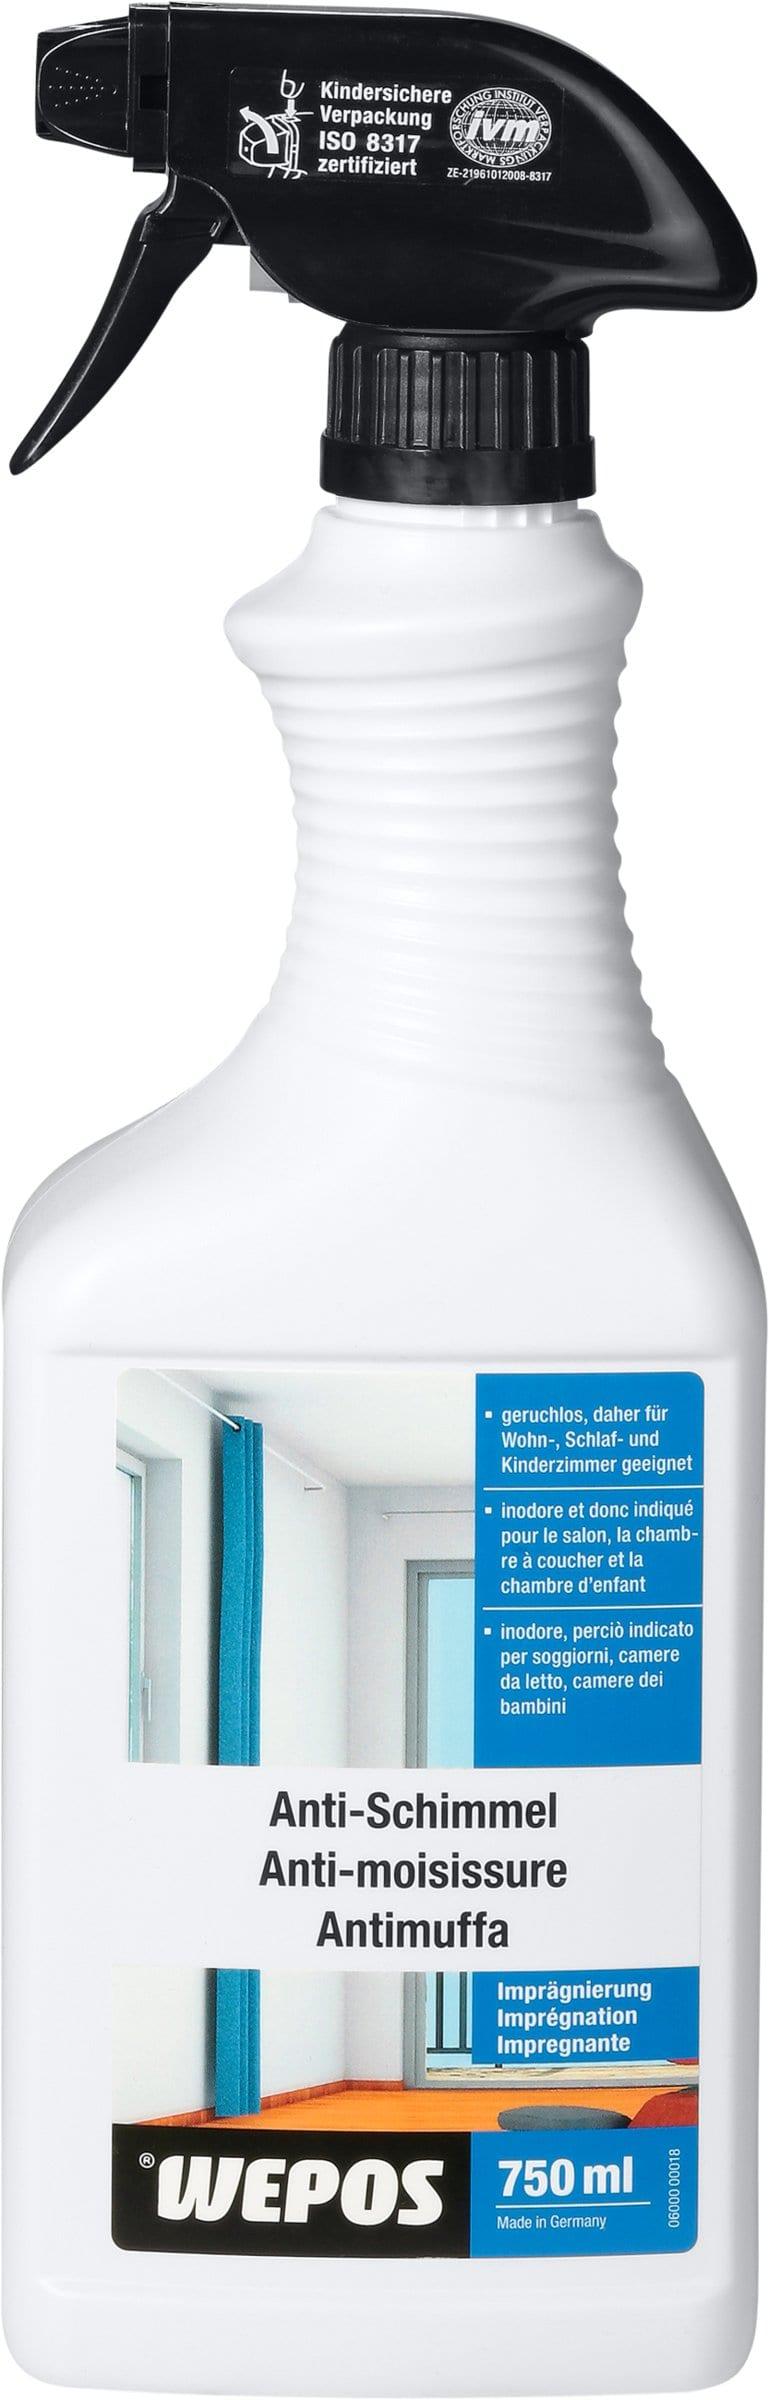 wepos produit d 39 impr gnation contre les moisissures migros. Black Bedroom Furniture Sets. Home Design Ideas